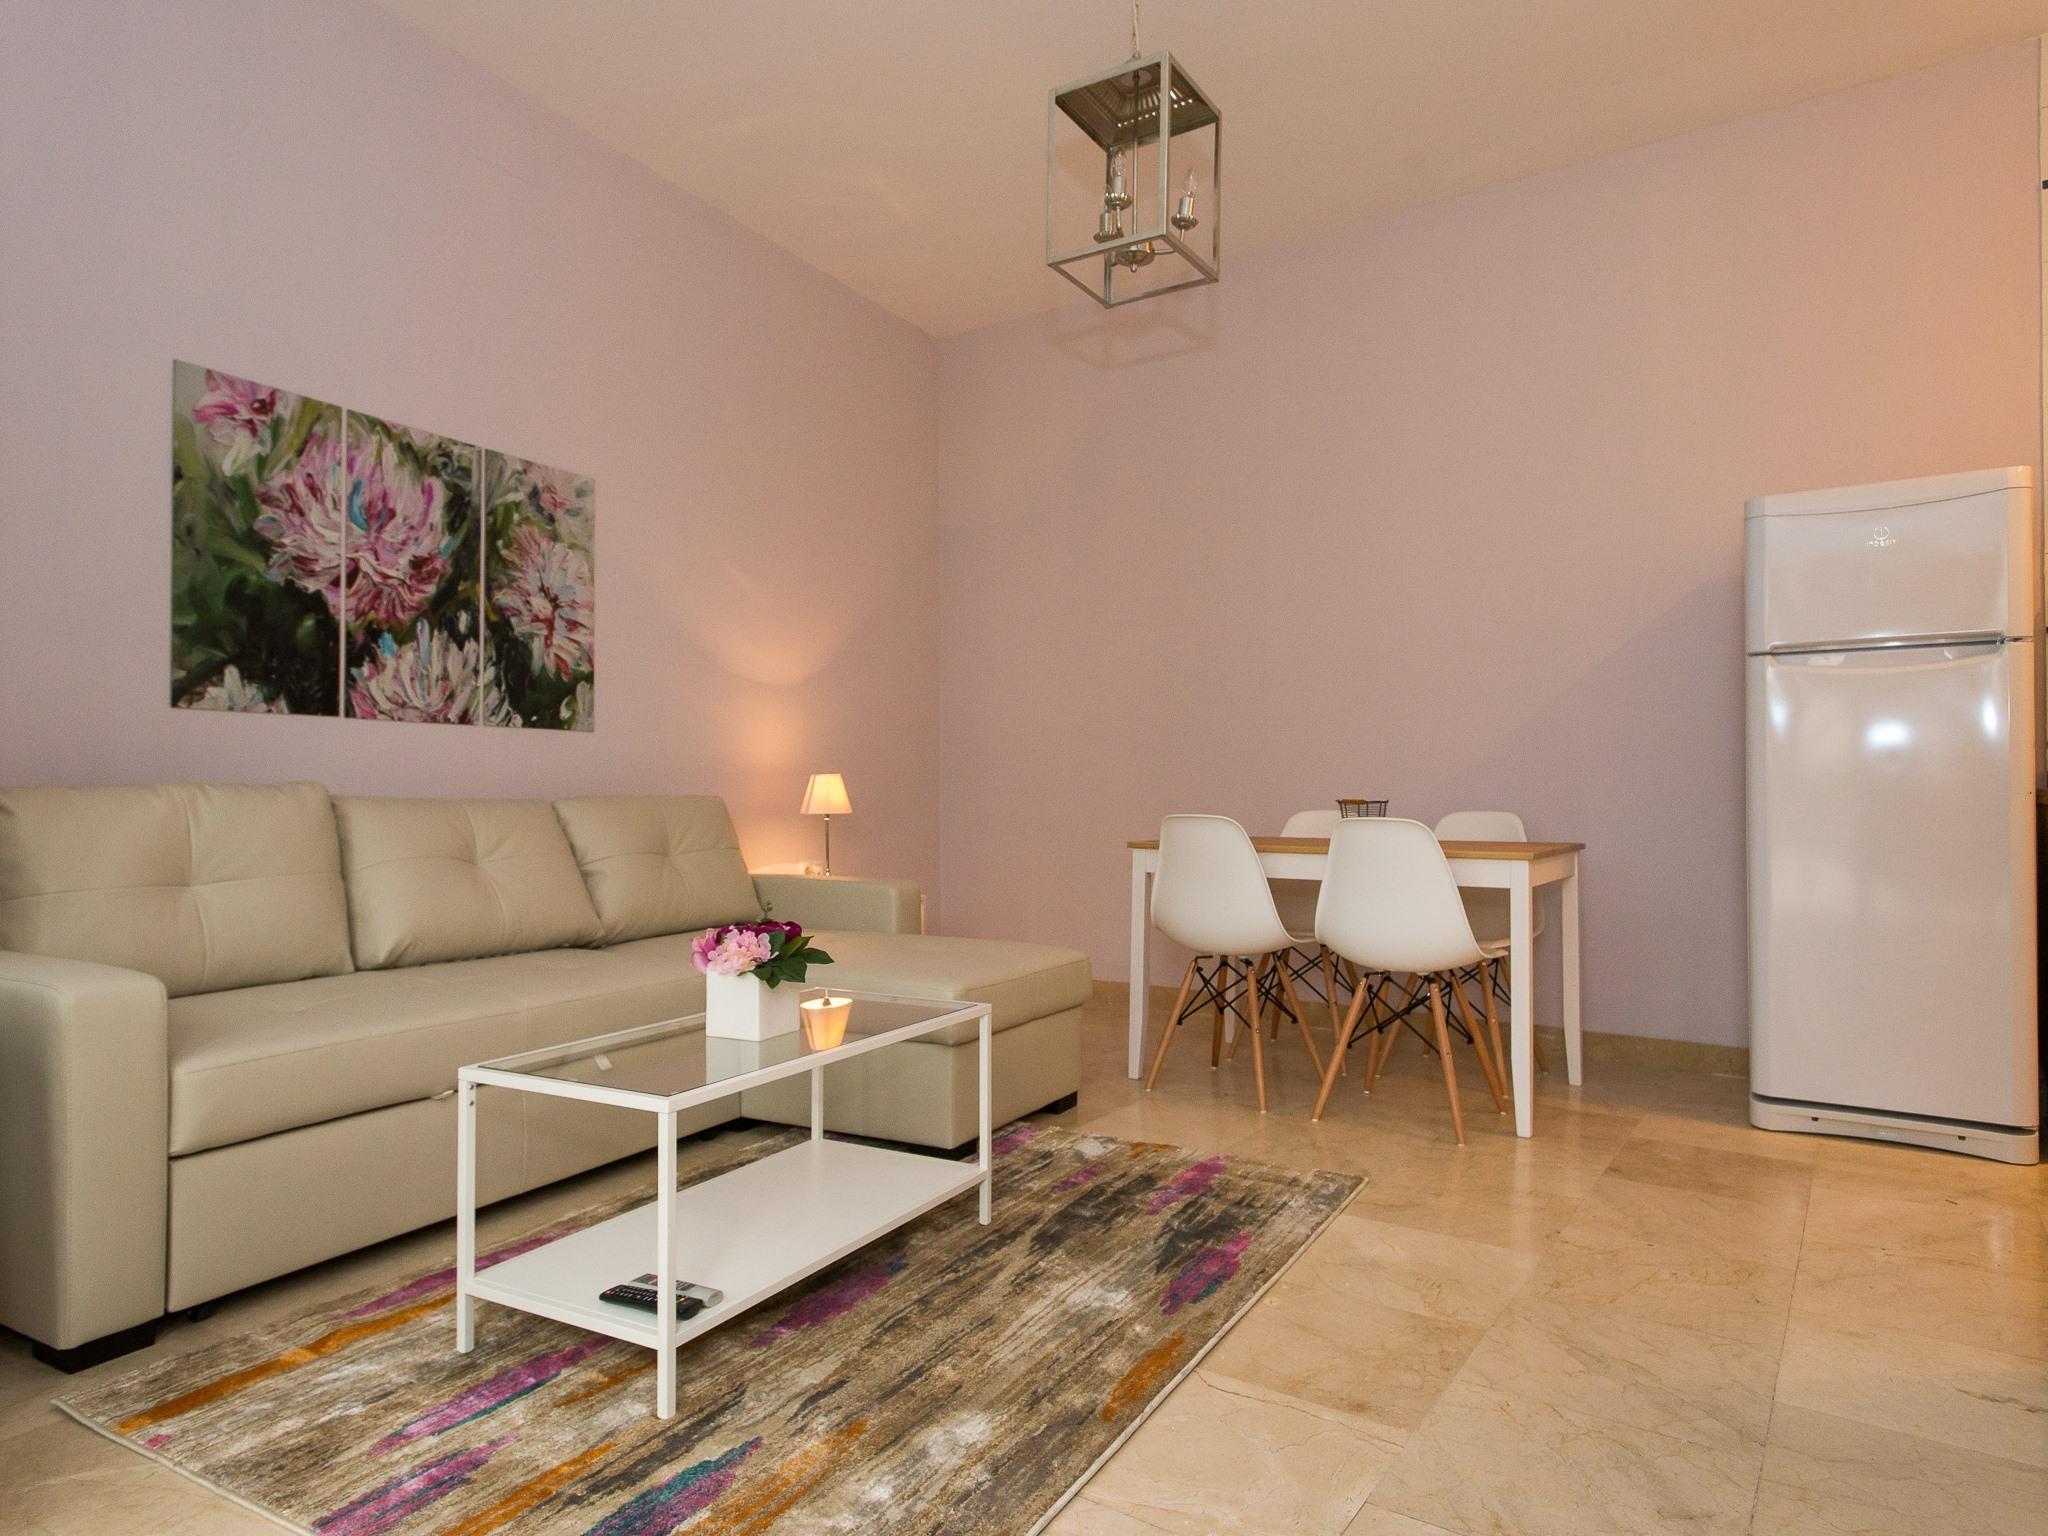 Apartamento-OB APT CON PATIO 4 PAX-Clásico-Baño para personas con movilidad reducida - Tarifa Base